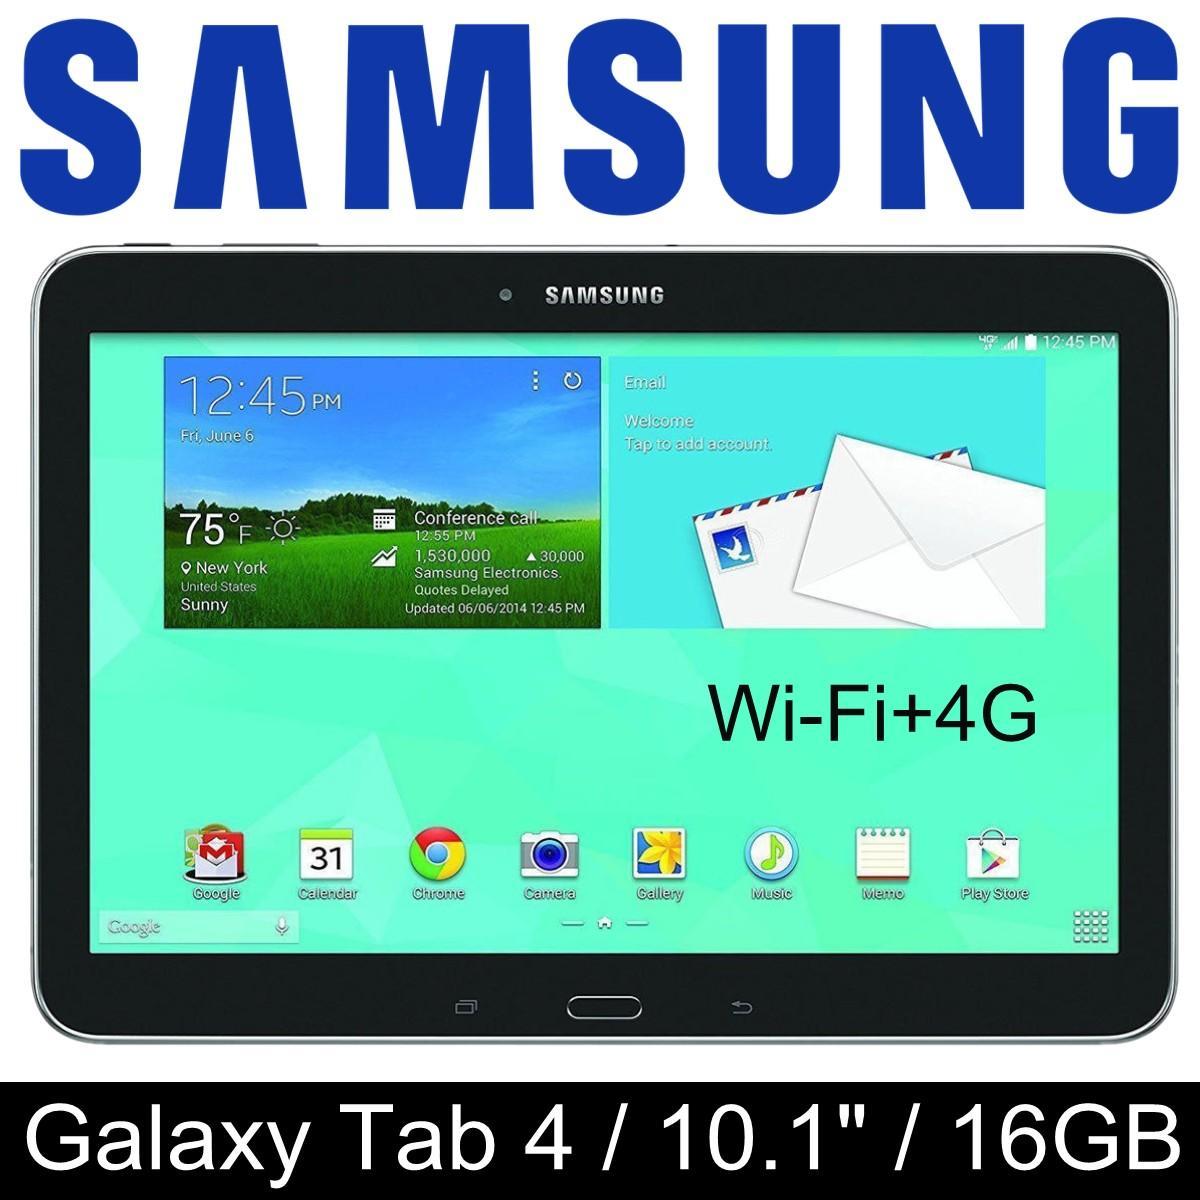 Samsung Galaxy Tab 4 / 10.1 inch / Wi-Fi+4G / 1.5GB RAM / 16GB ROM / Refurbished set /